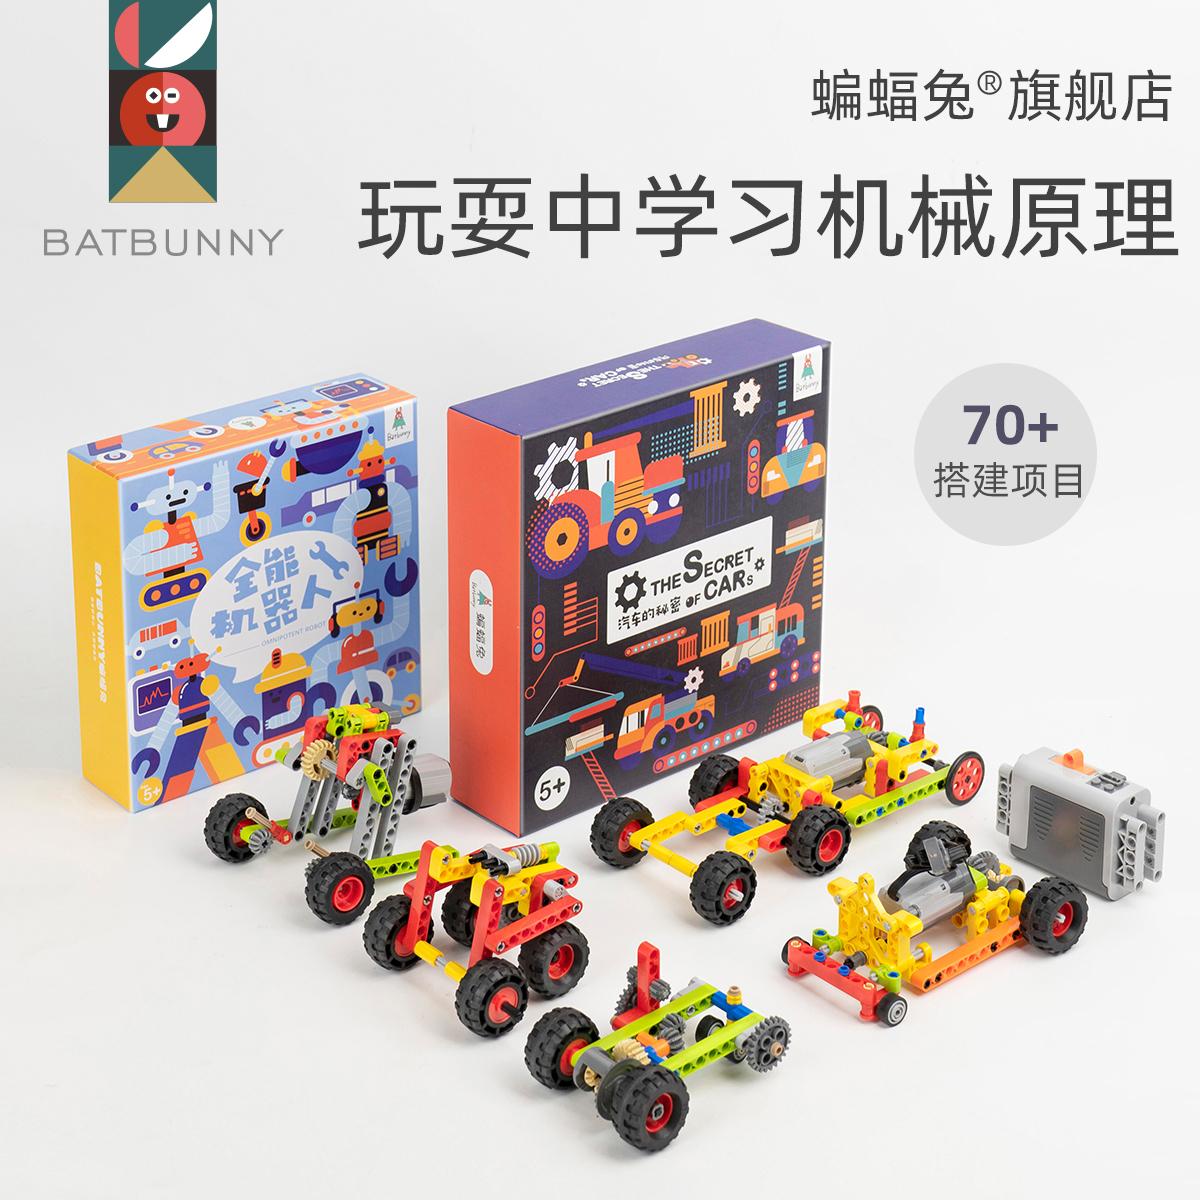 全能机器人儿童电子积木拼装玩具益智6-10岁以上男孩机械电动齿轮